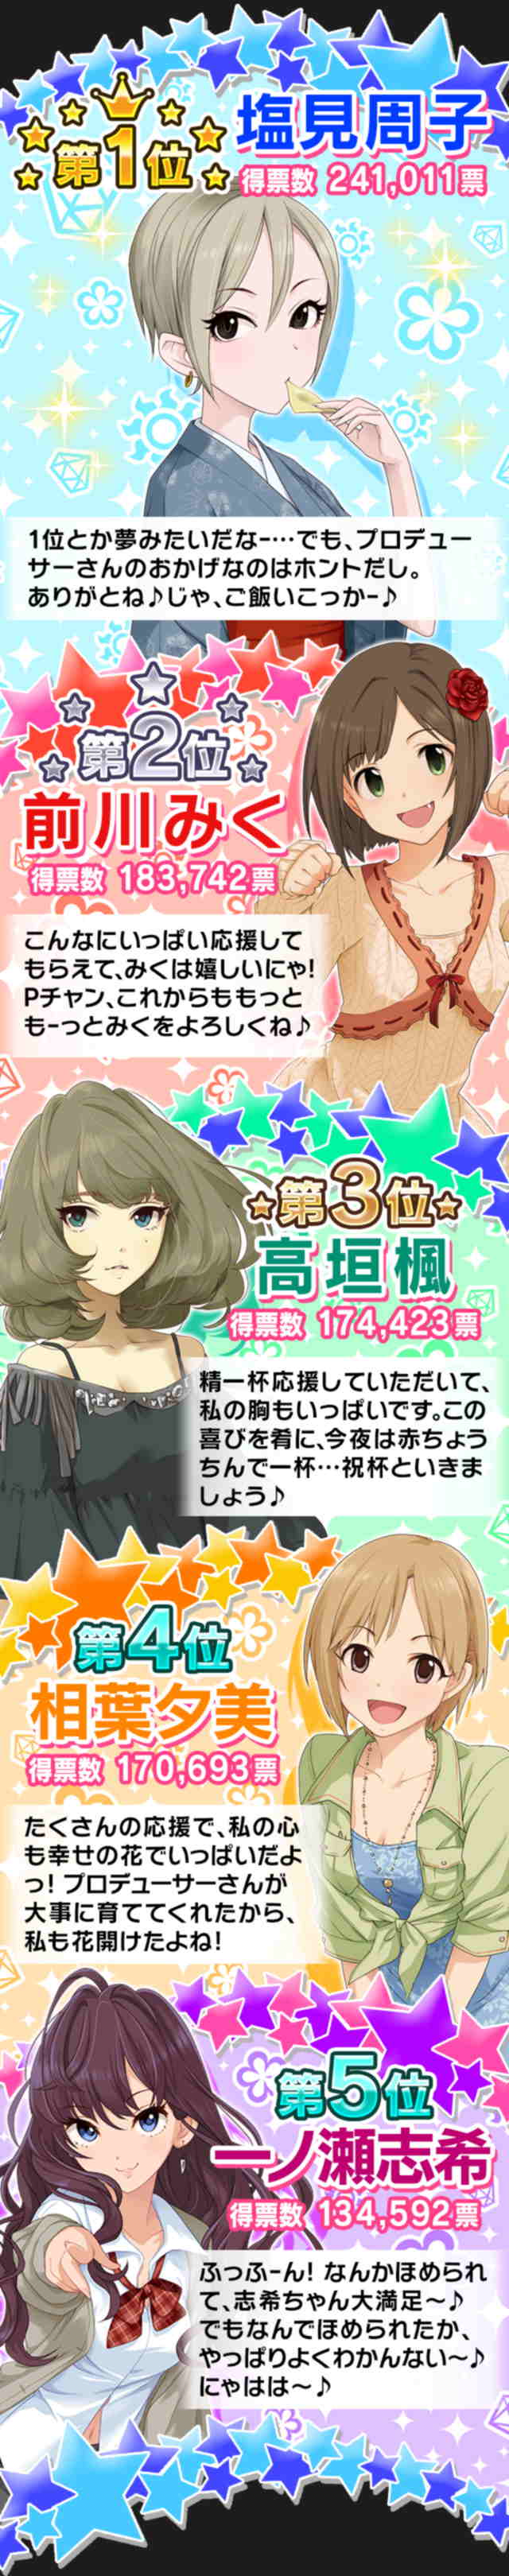 アイドルマスターシンデレラガールズ 総選挙に関連した画像-02